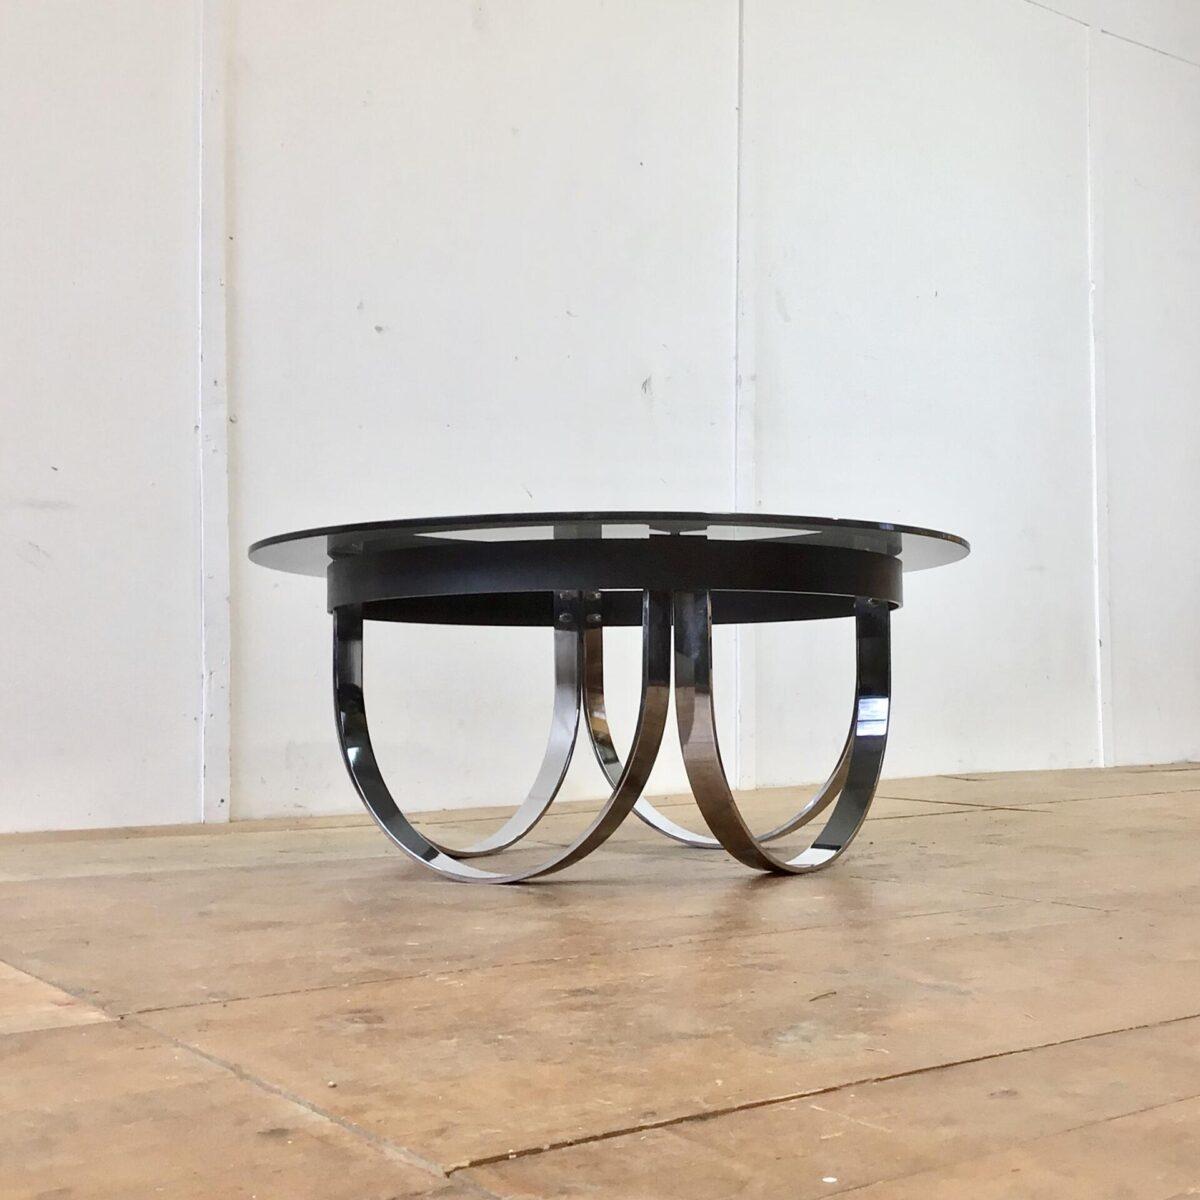 Deuxieme.shop vintage salontisch Schwerer massiver Salontisch Durchmesser 99cm Höhe 43cm. Untergestell verchromt, und schwarz lackiertem Metall Rahmen. Das Rauchglas Tischblatt liegt auf rutschfesten Puffer oben auf.